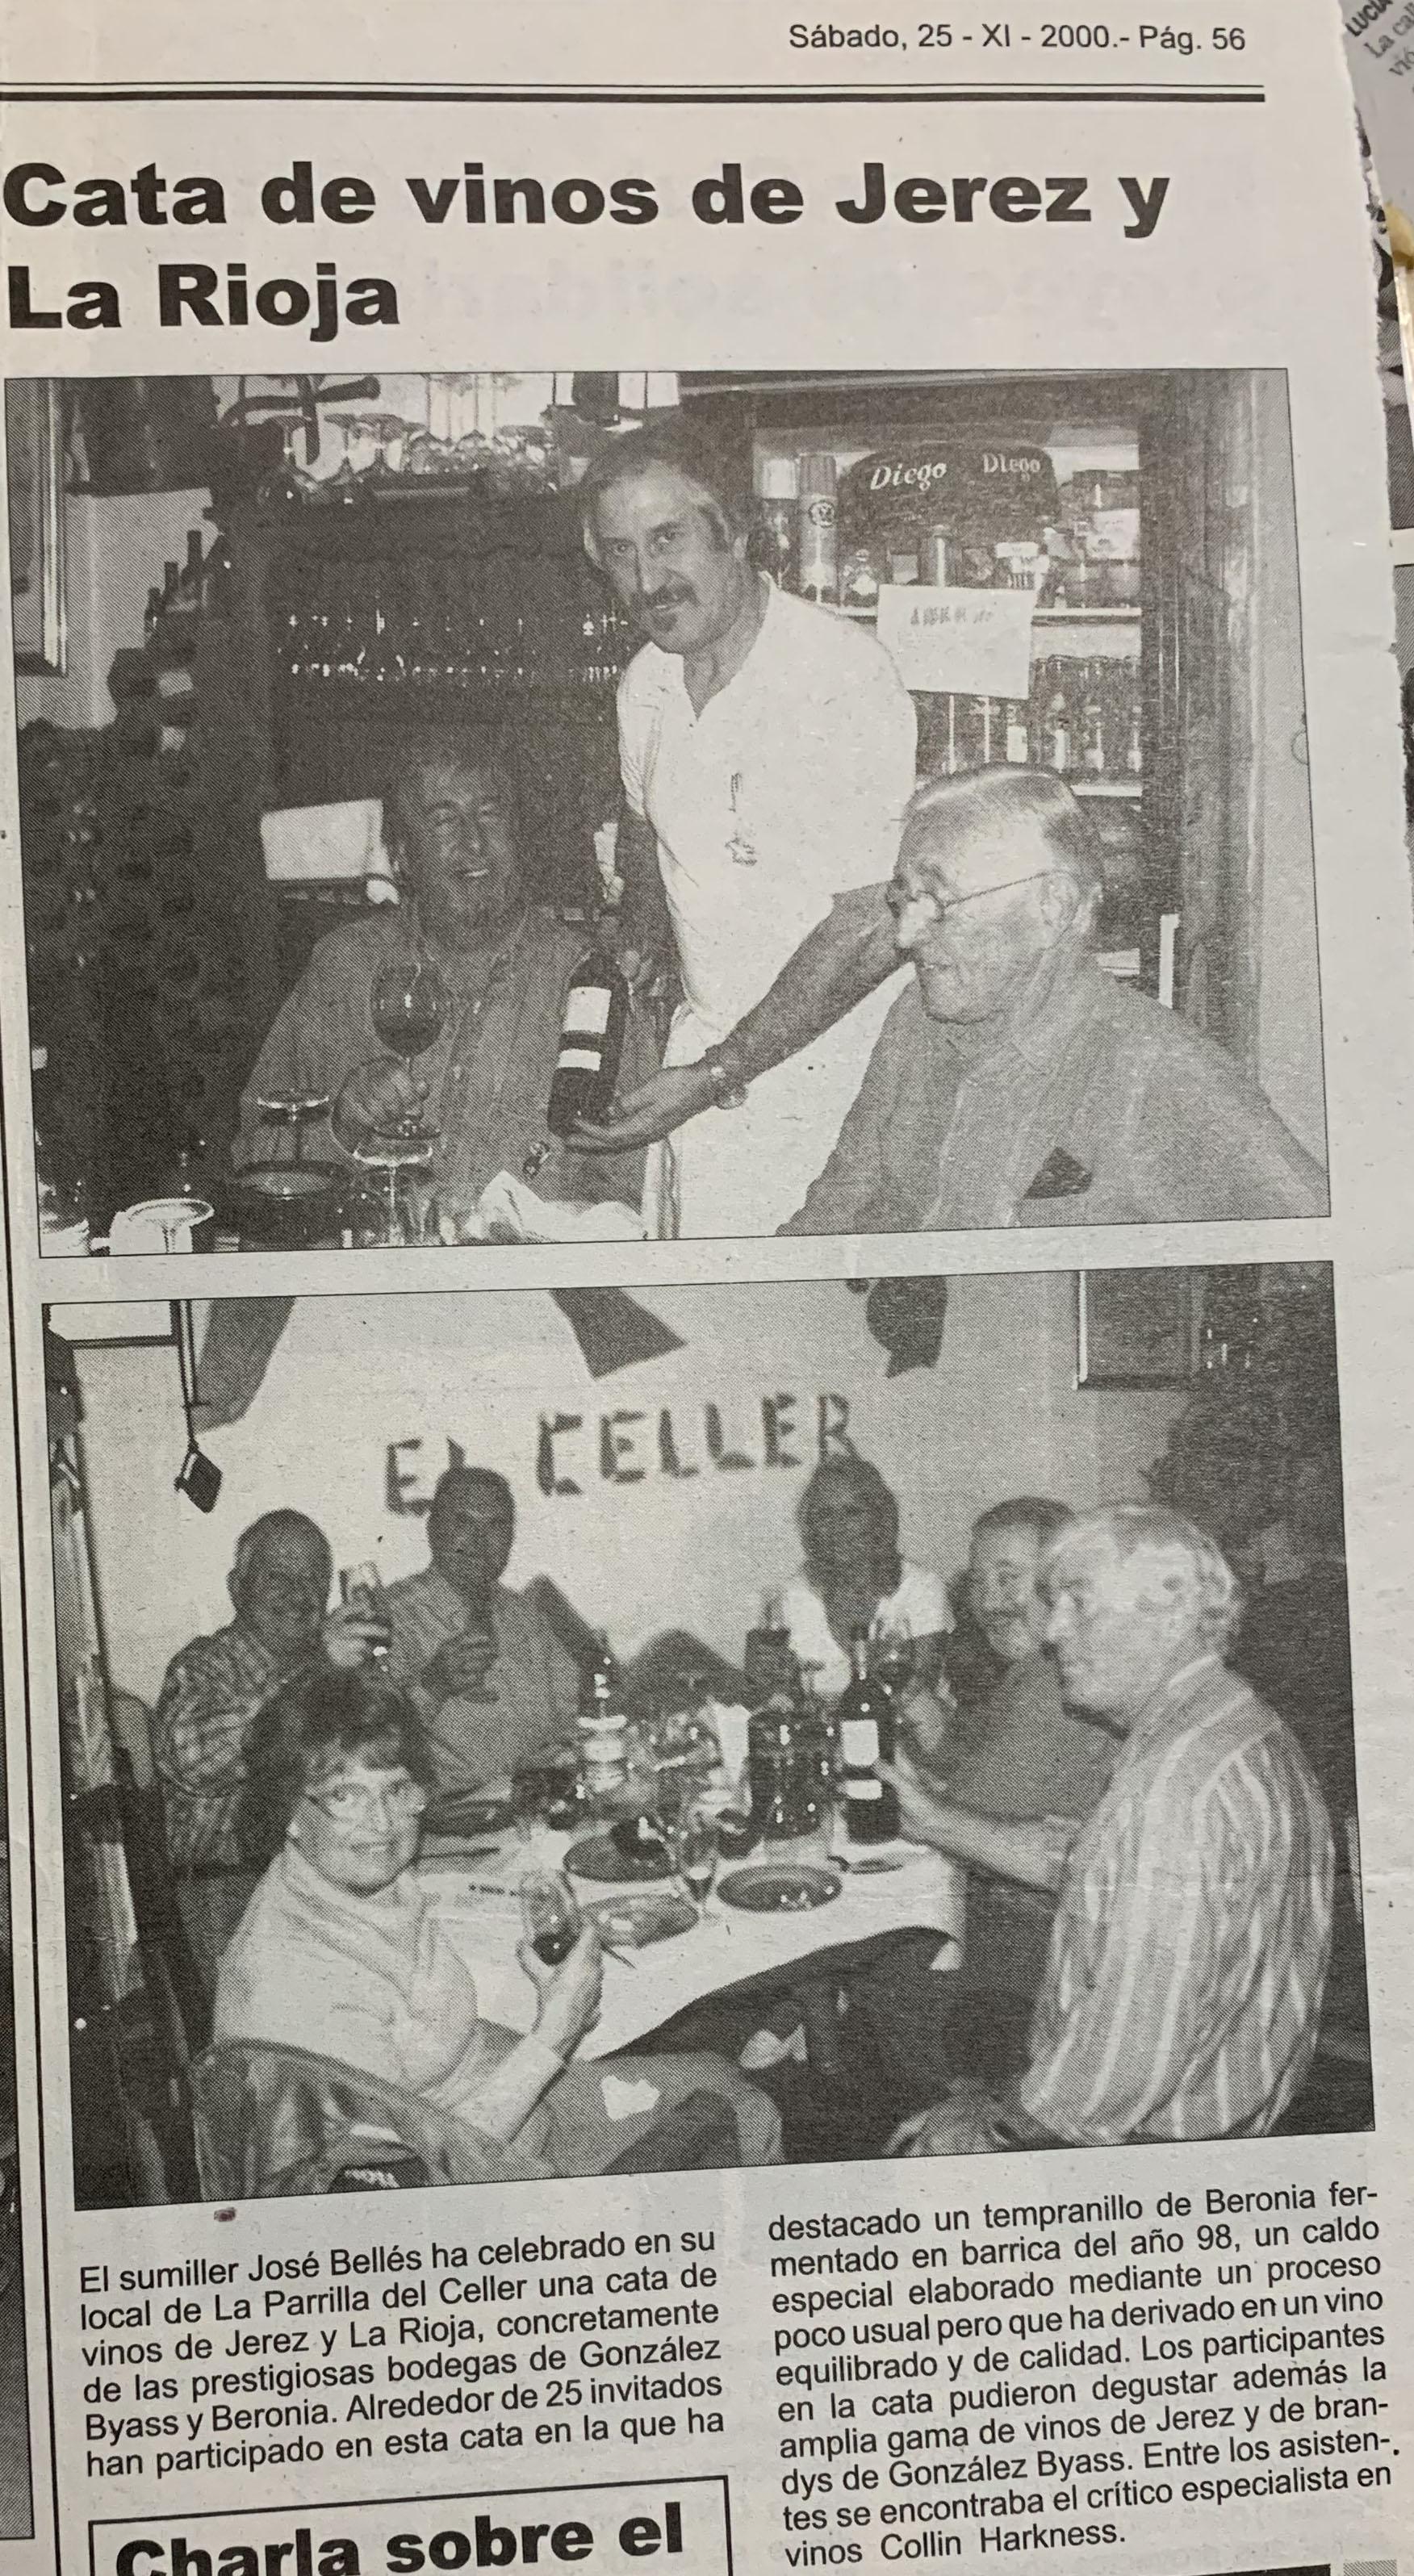 Publicación de la Cata realizada en el año 2000